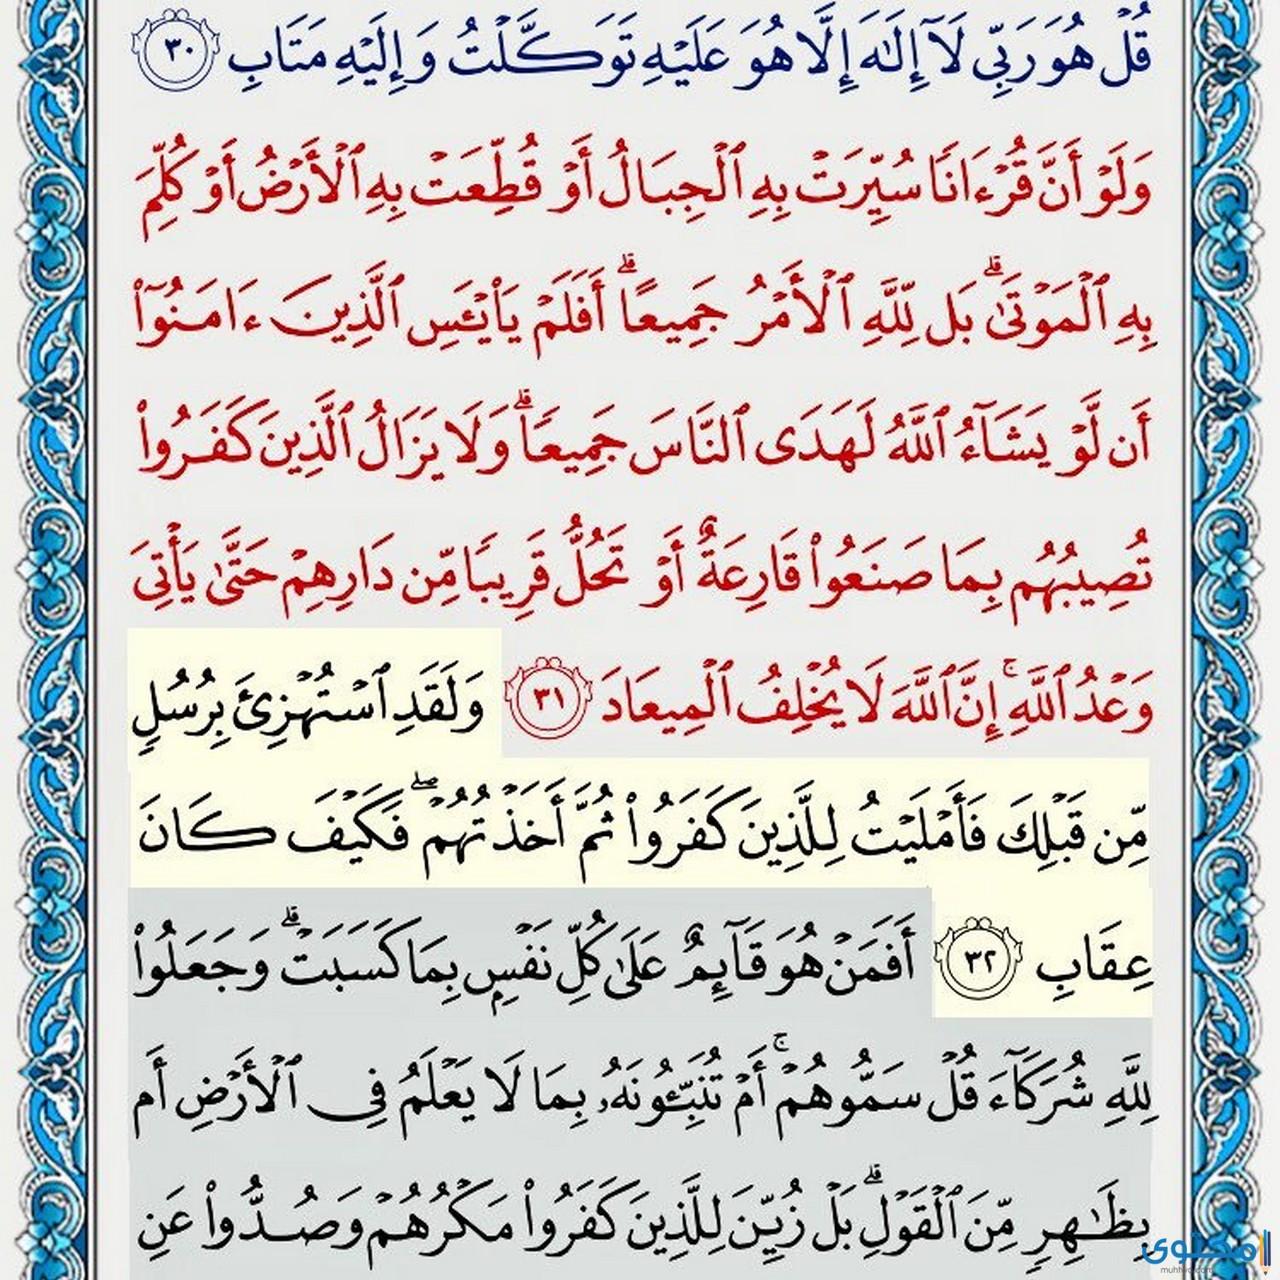 فضل قراءة سورة الرعد